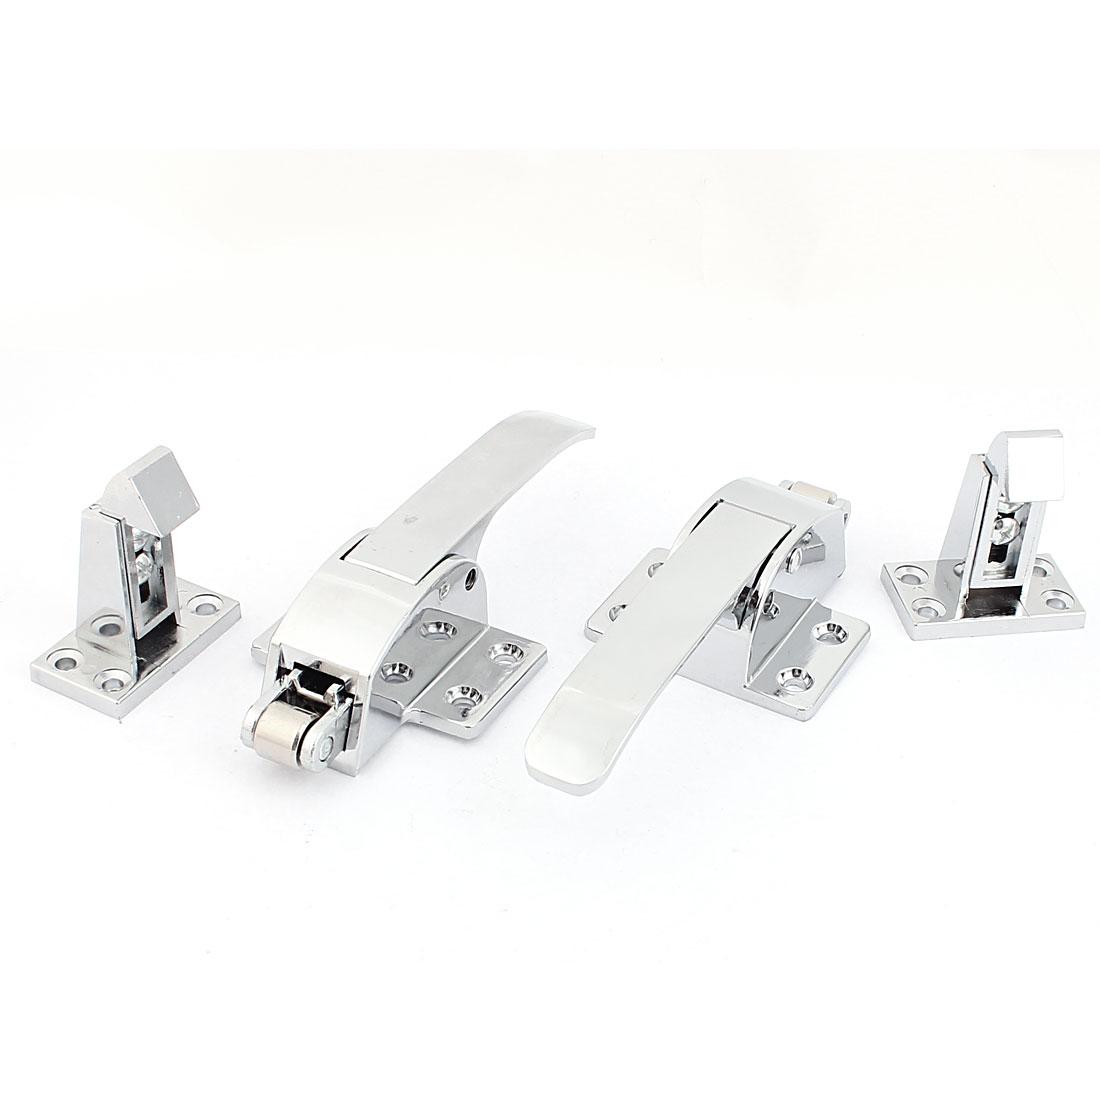 2 Pcs Adjustable Latch Spring Loaded Walk In Freezer Cooler Door Handle Grip Hardware